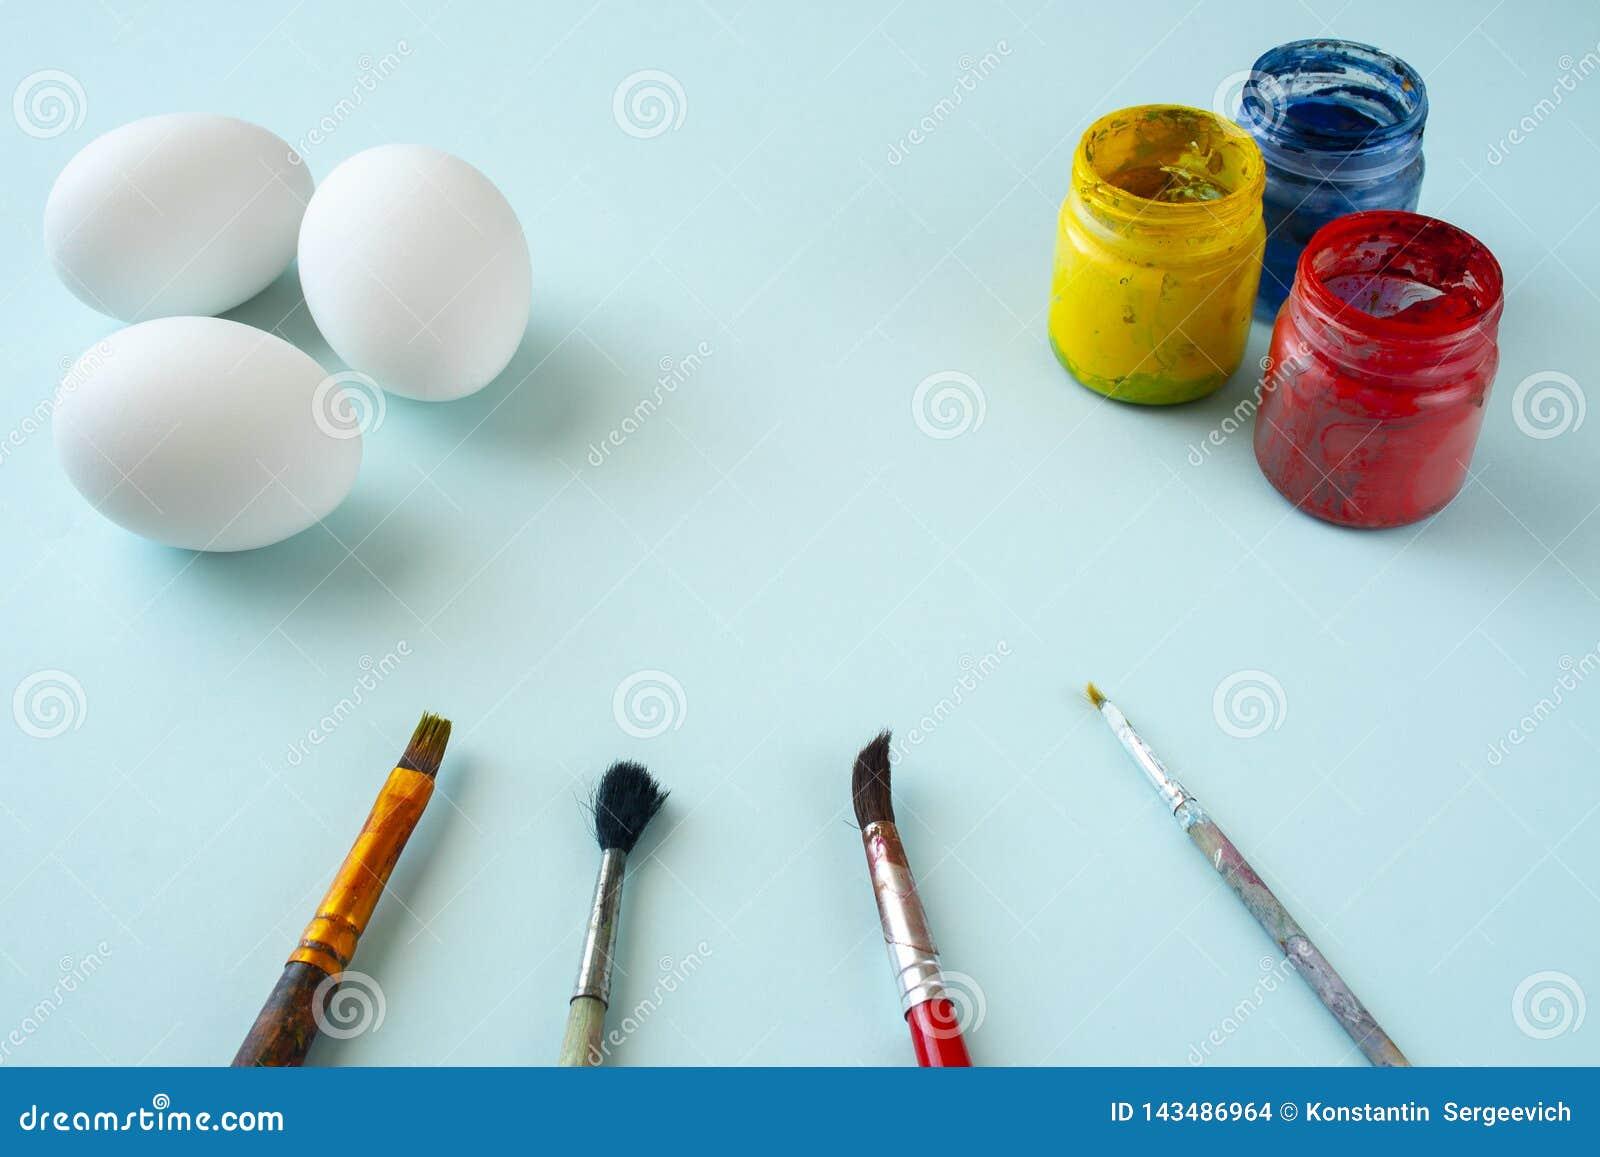 Um grupo das pinturas limpas brancas dos ovos, as azuis, as amarelas e as vermelhas e das escovas no fundo brilhante